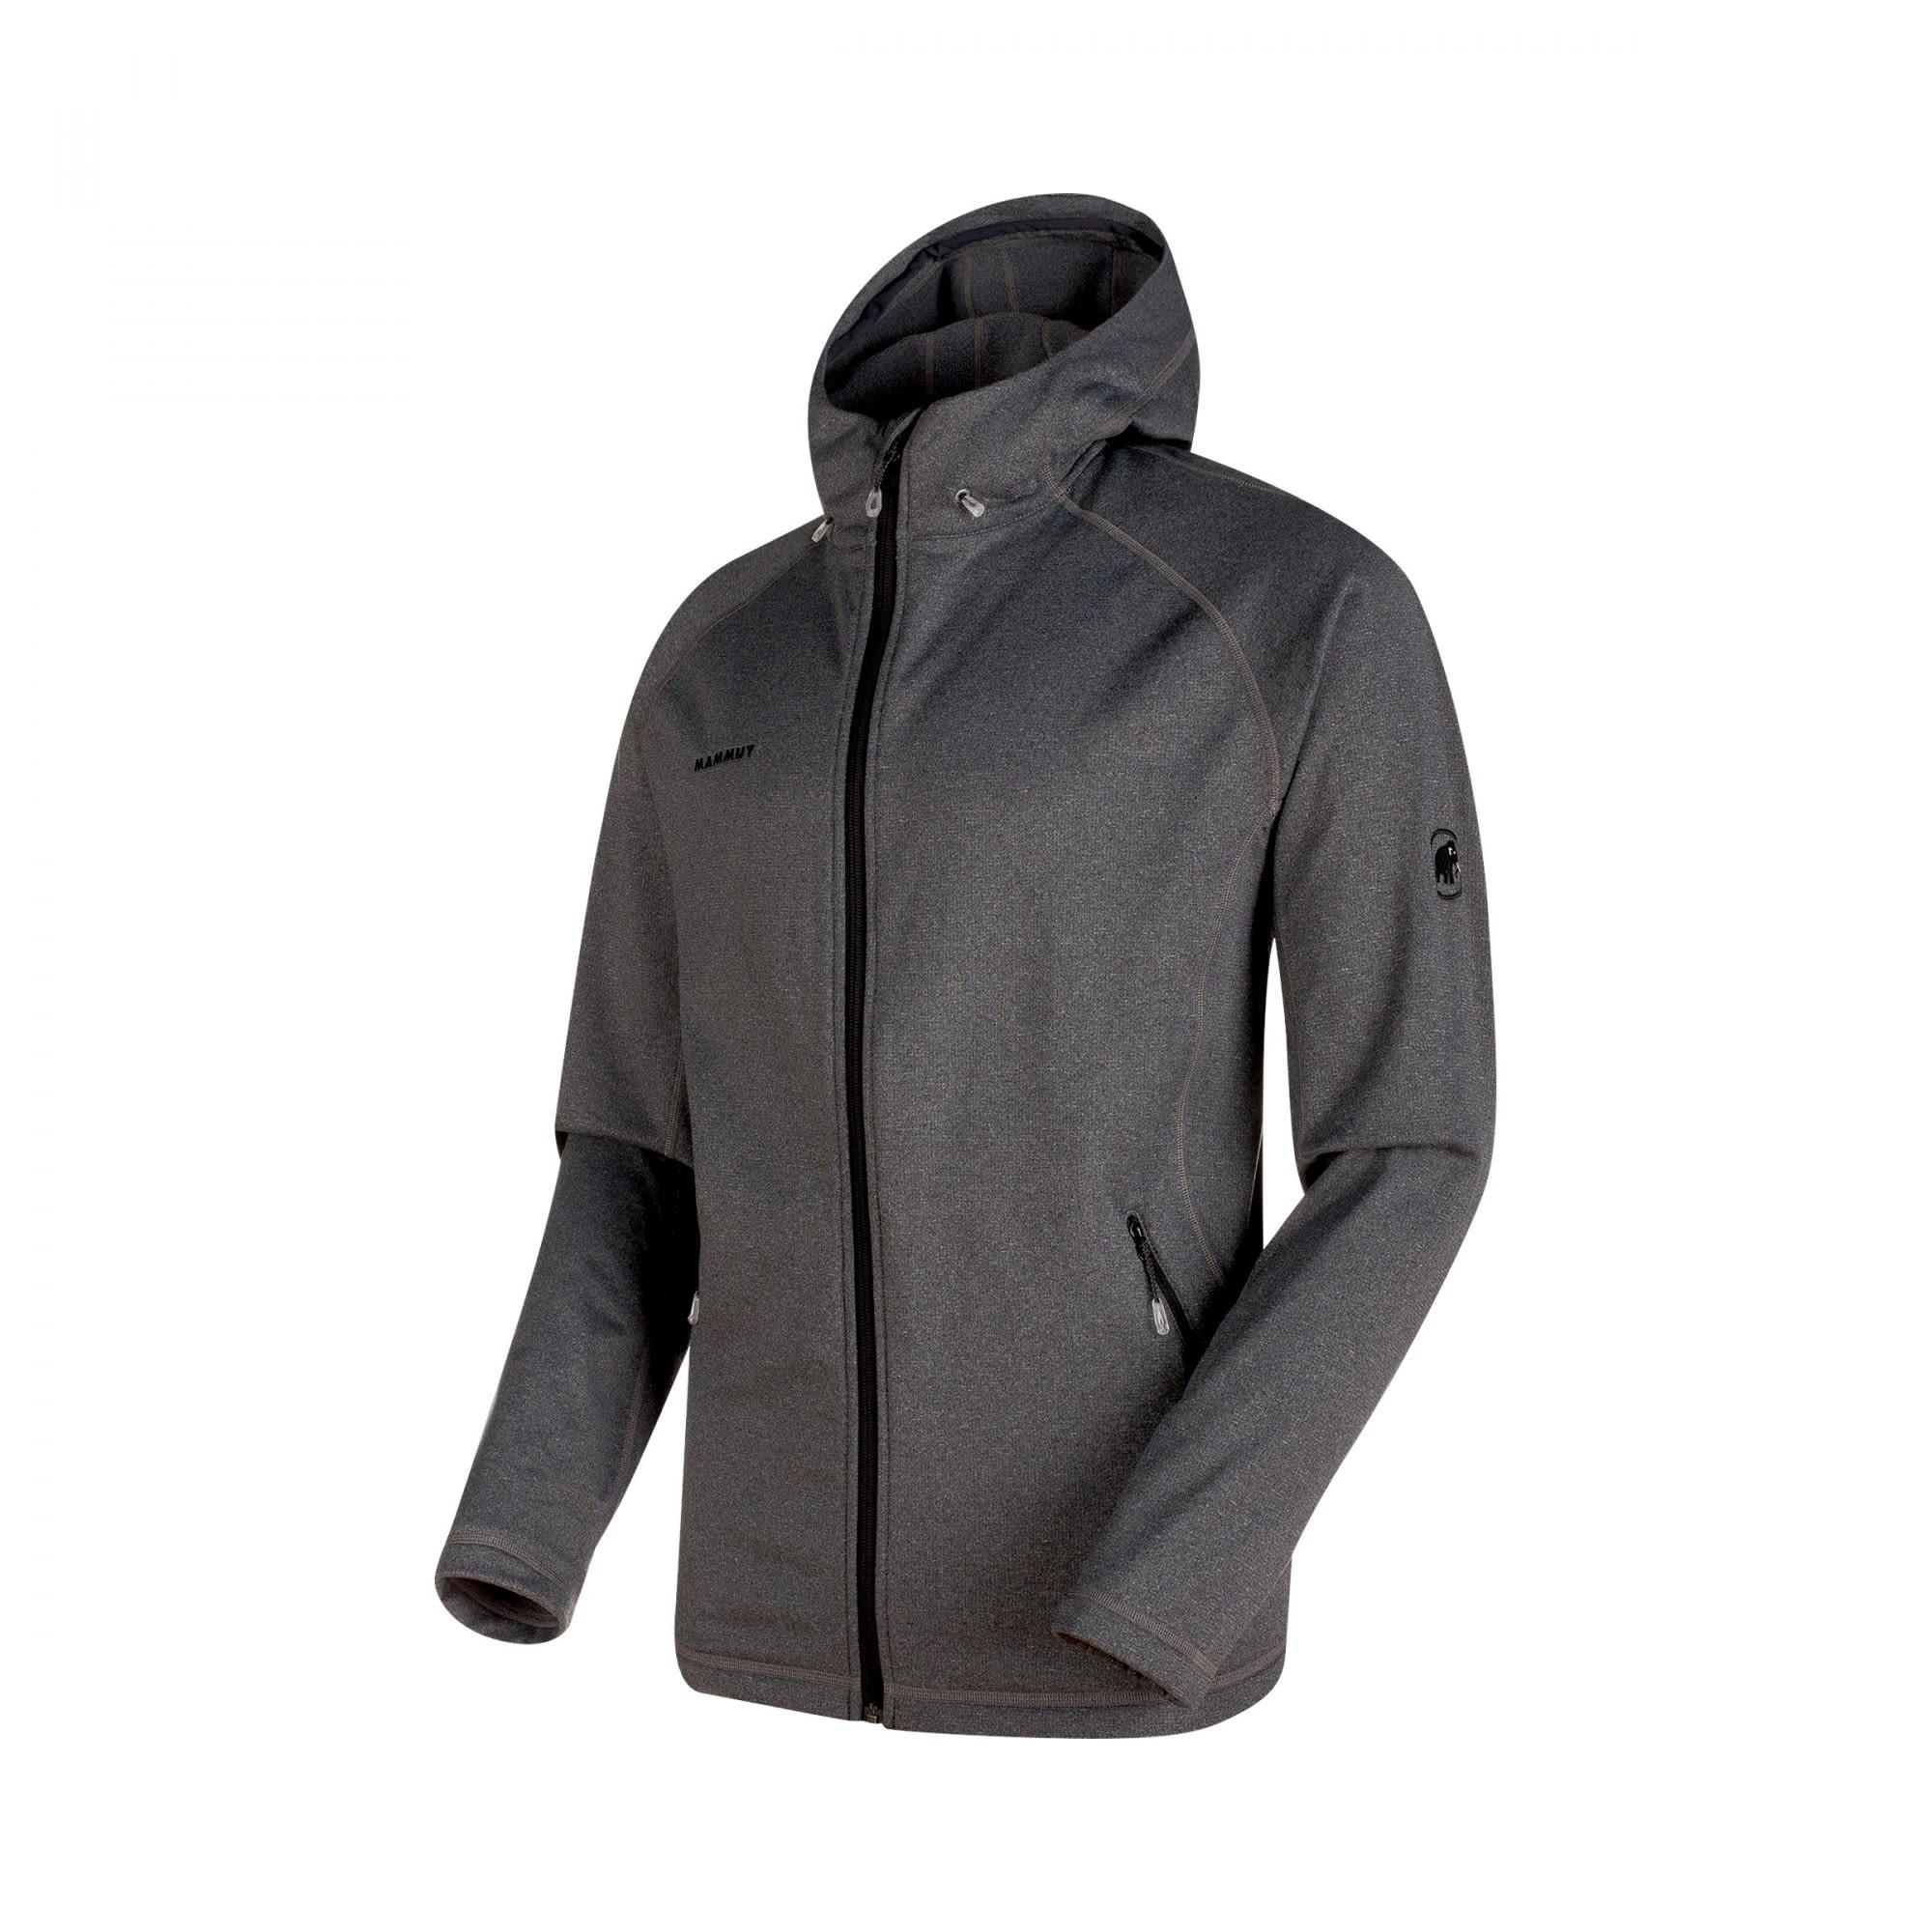 Mammut Runbold ML Hooded Jacket Grau, Male Fleecejacke, L